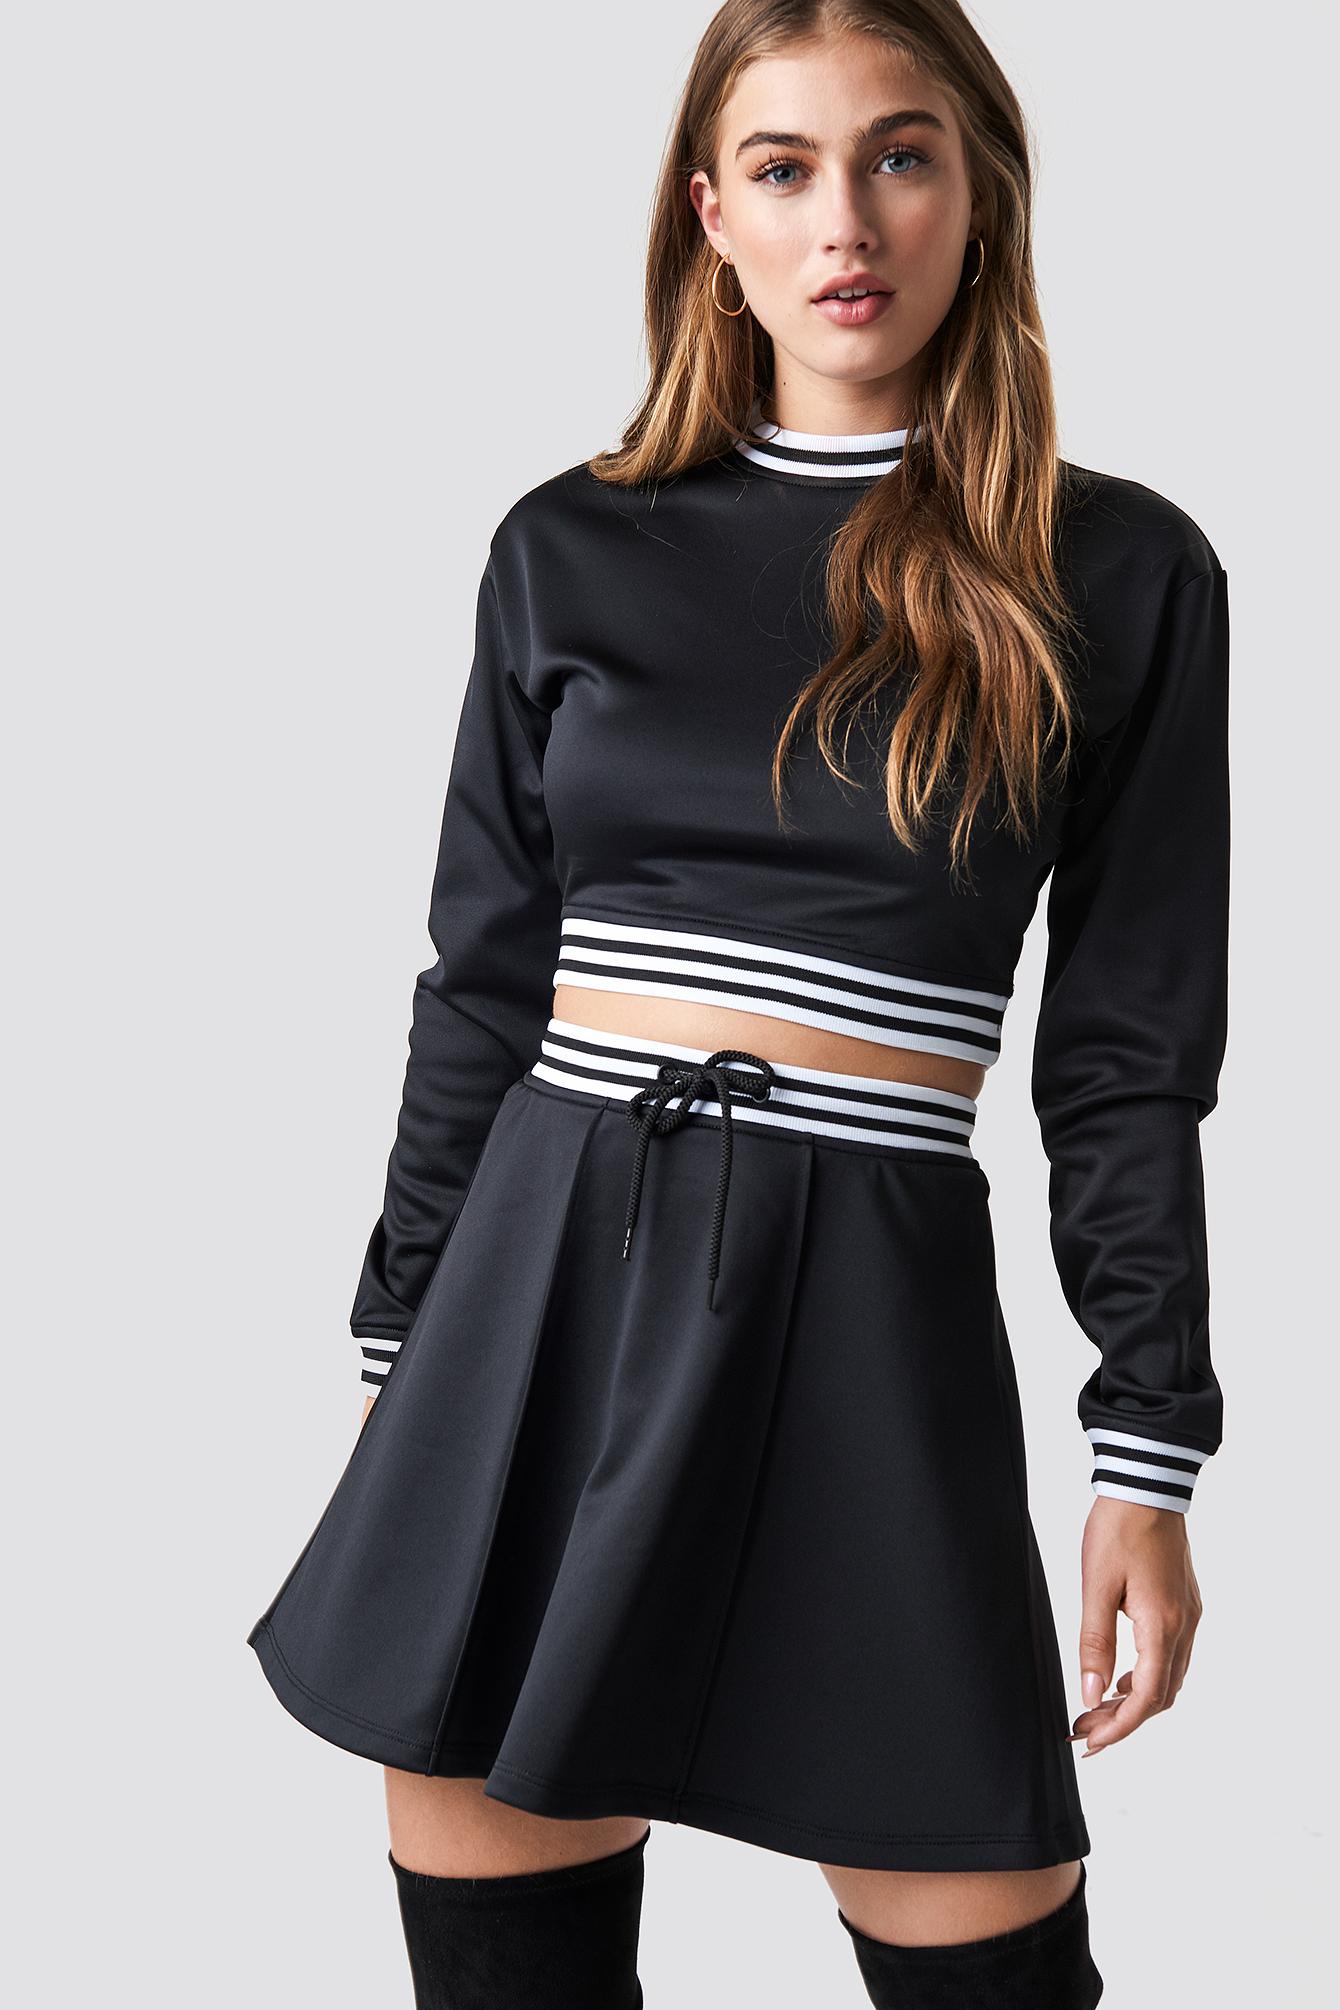 Track Skirt NA-KDLOUNGE.DE